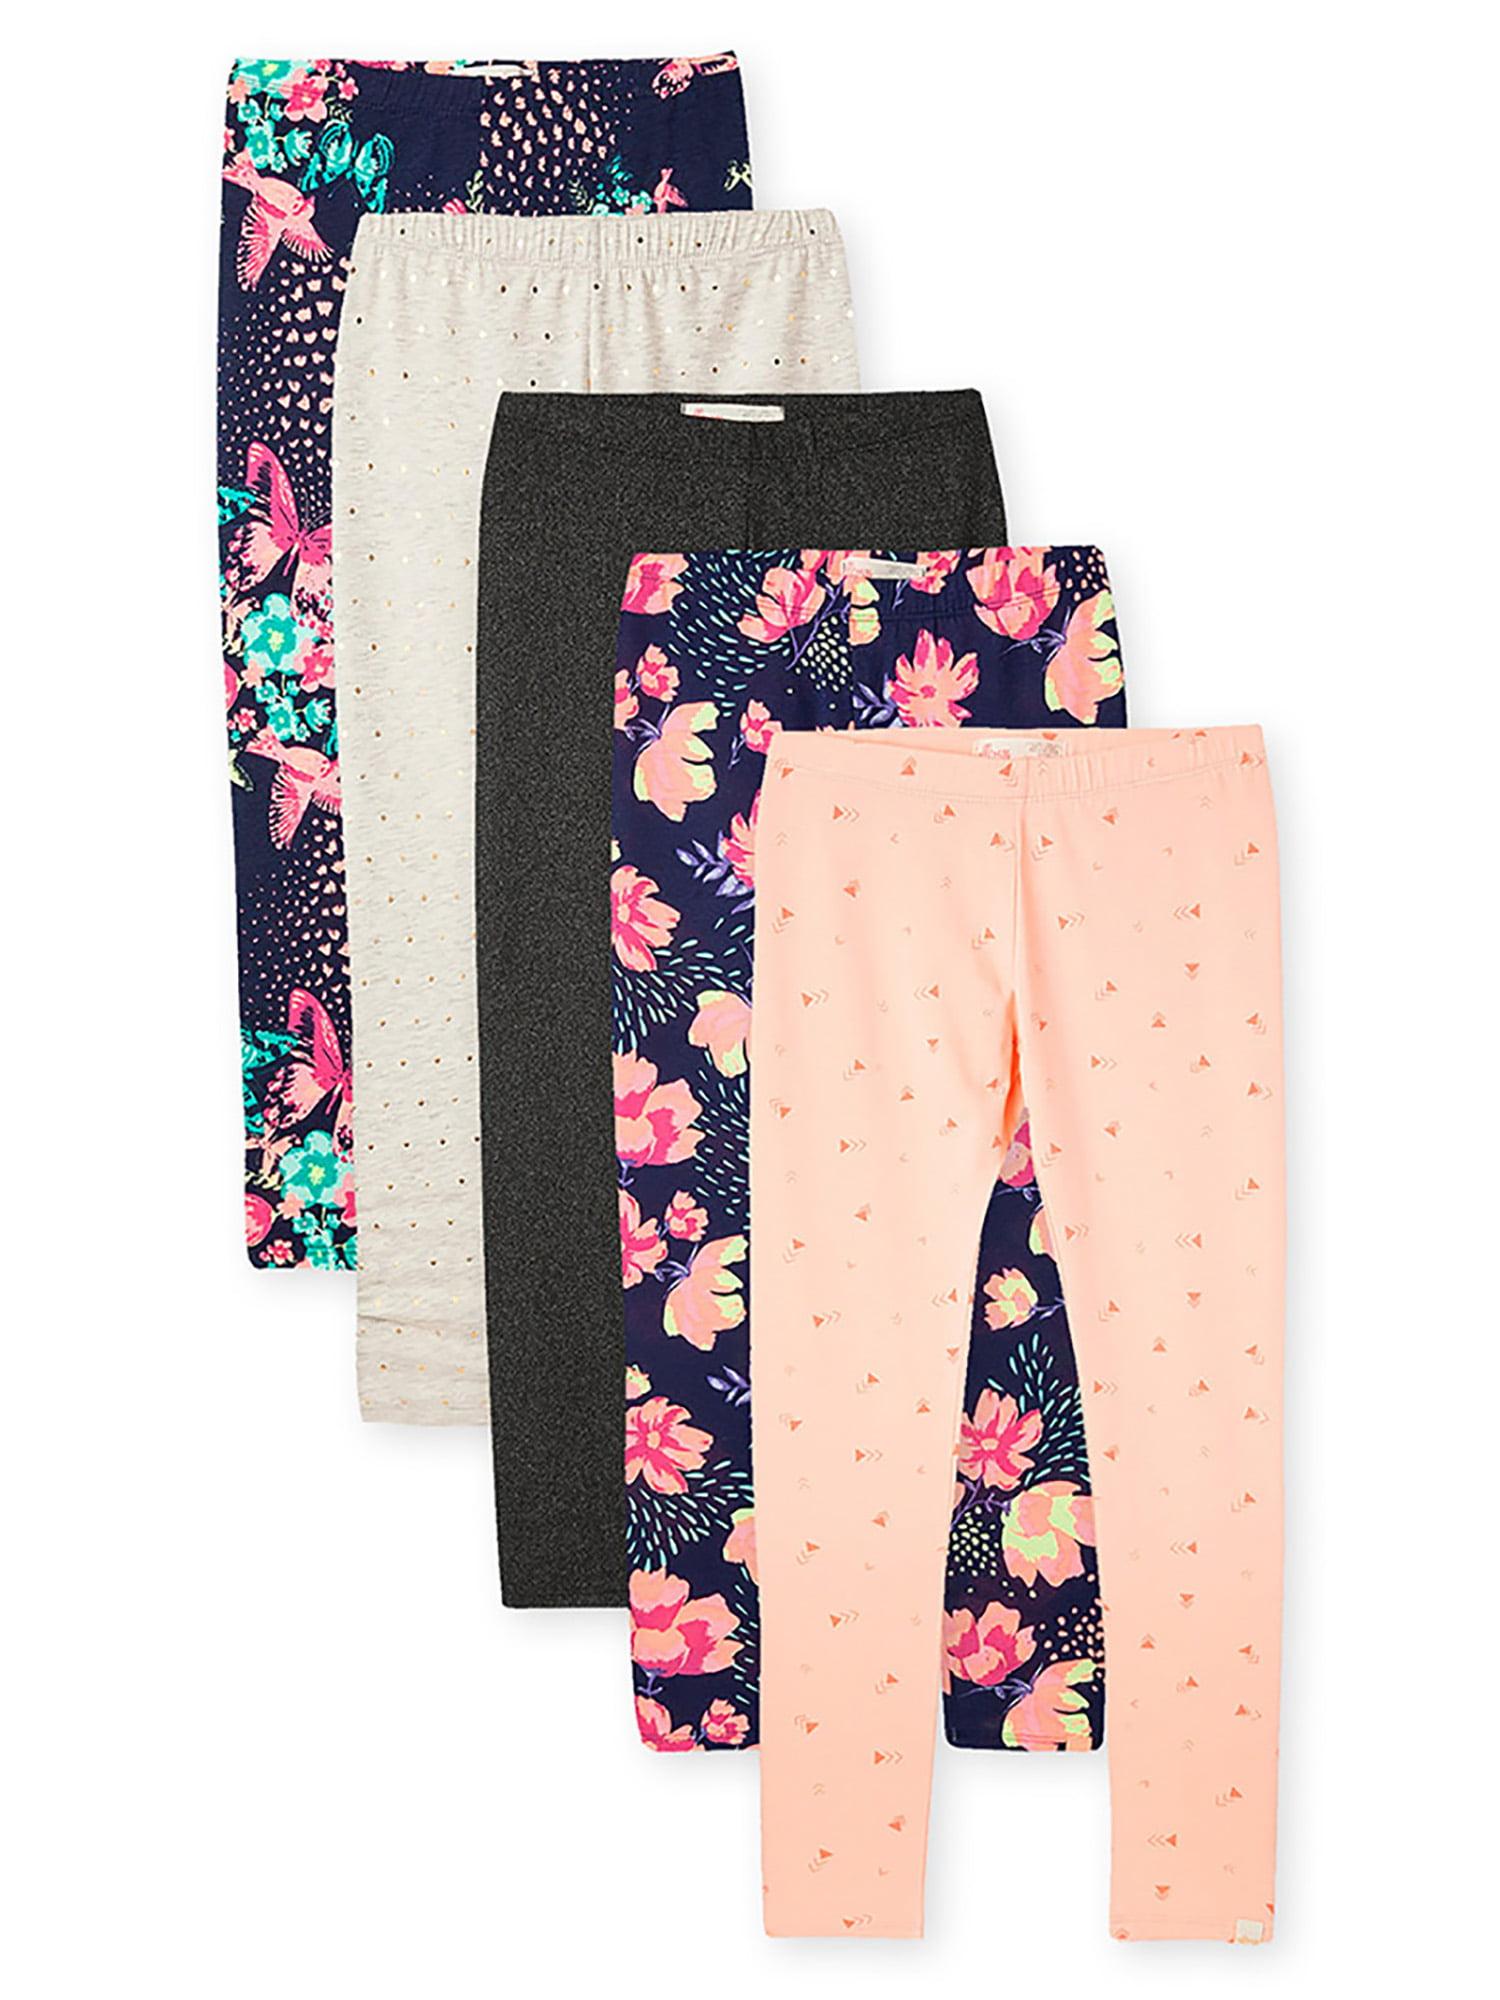 Offcorss Offcorss Big Girl Colored Leggings For Teen Outfits Pantalones Para Ninas Walmart Com Walmart Com